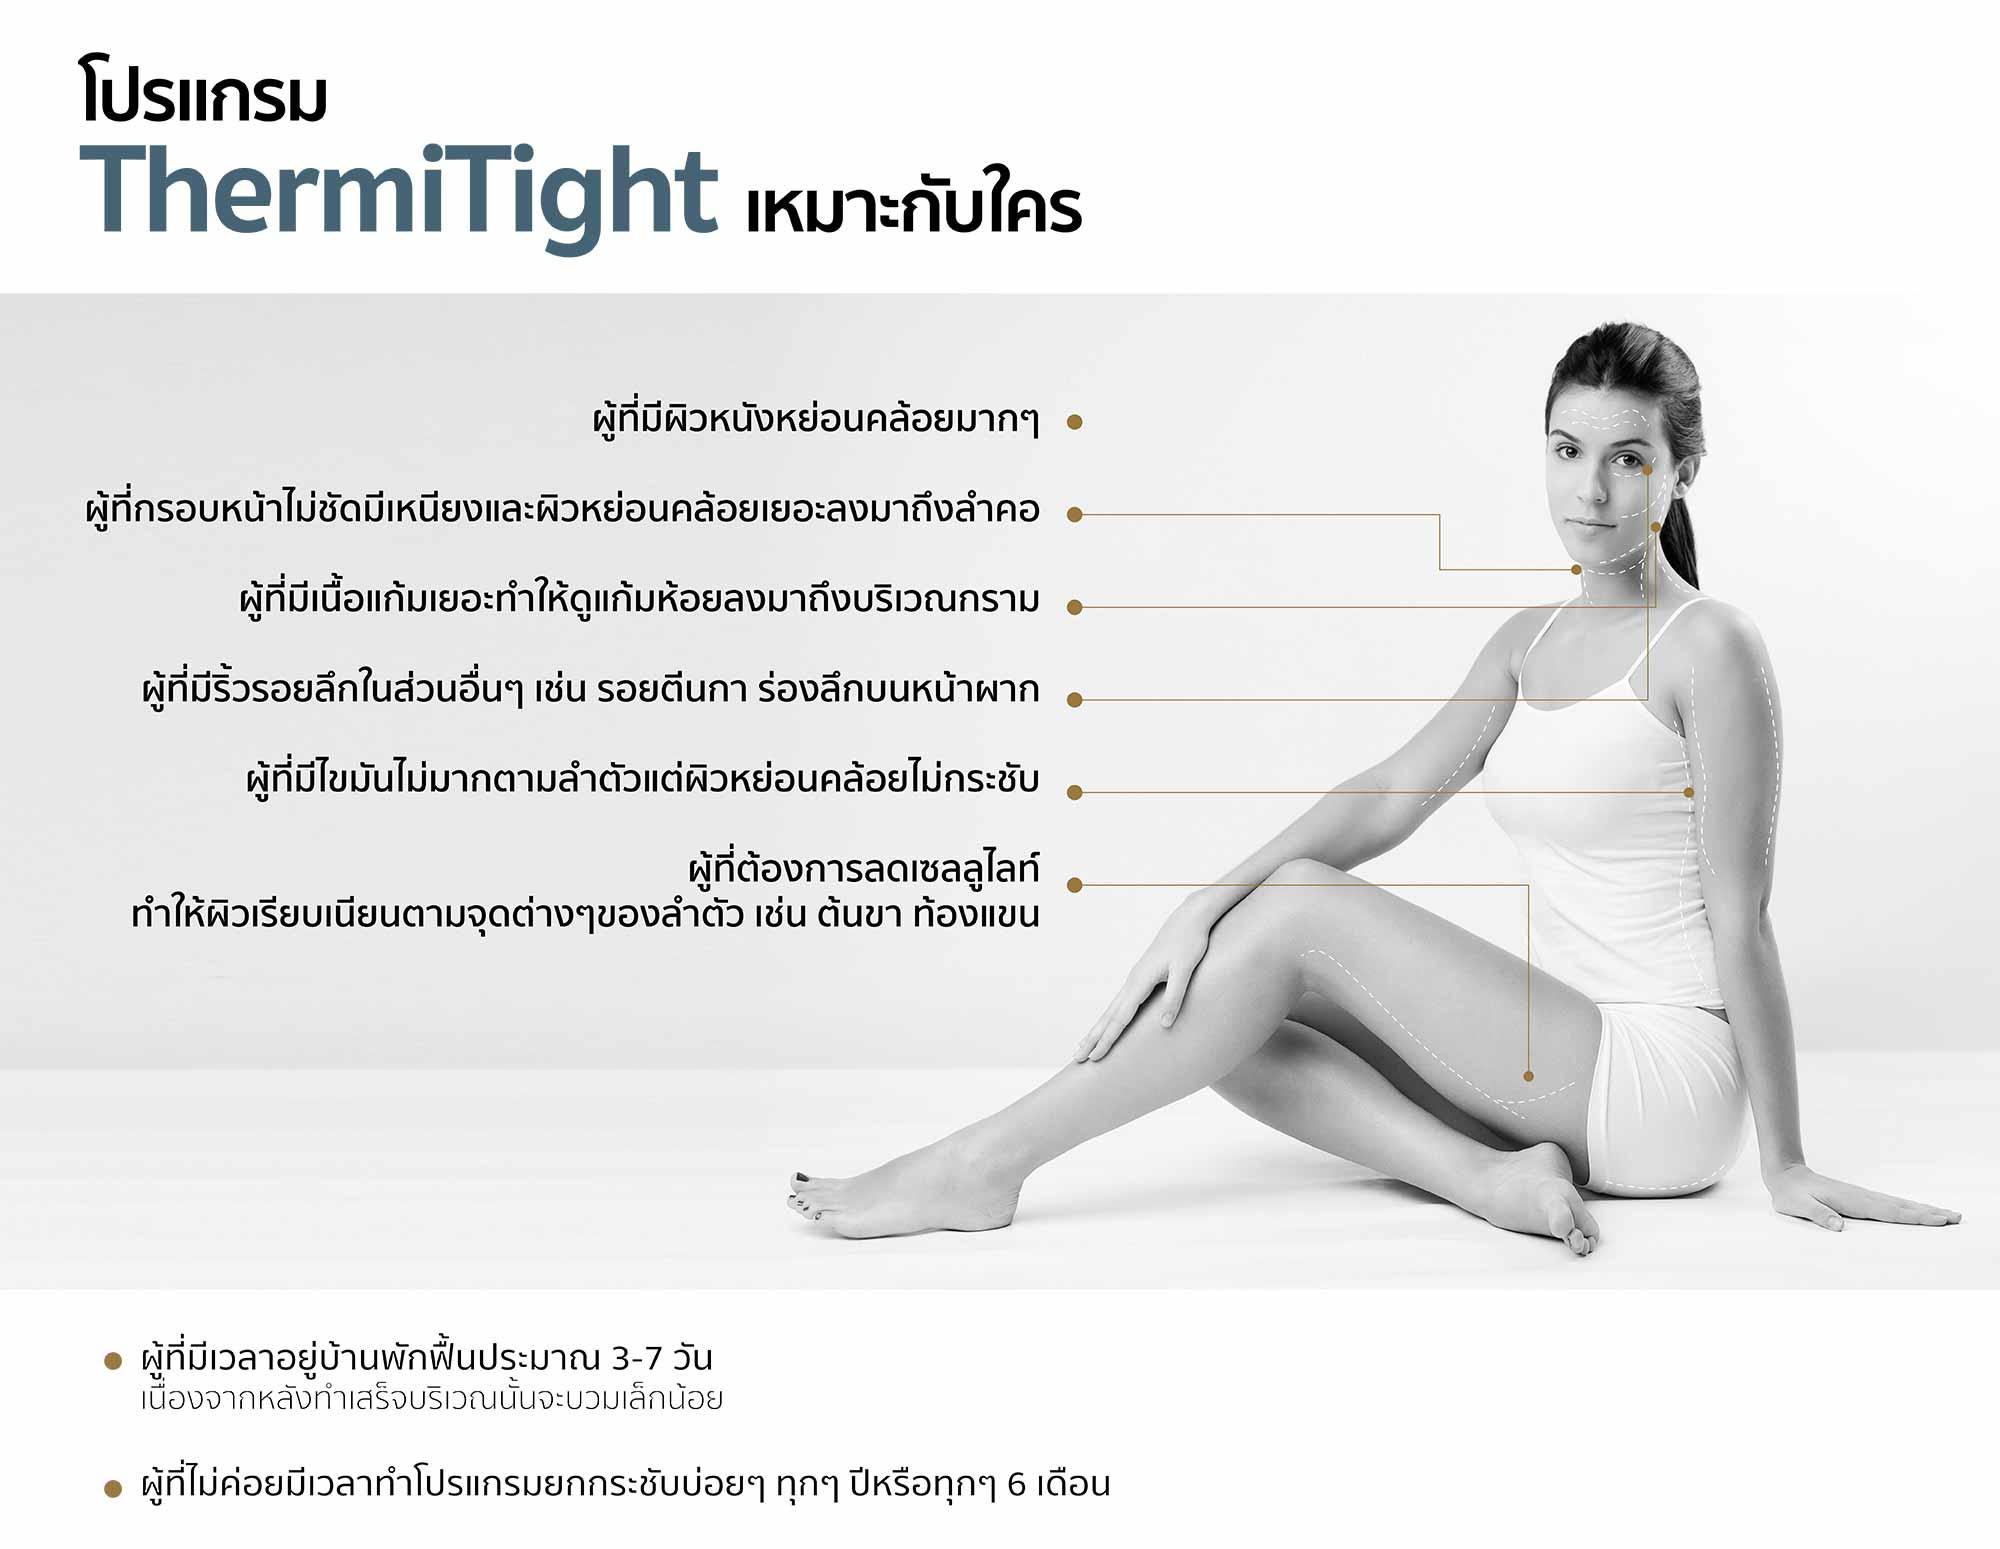 โปรแกรม-Thermitight-เหมาะกับใคร